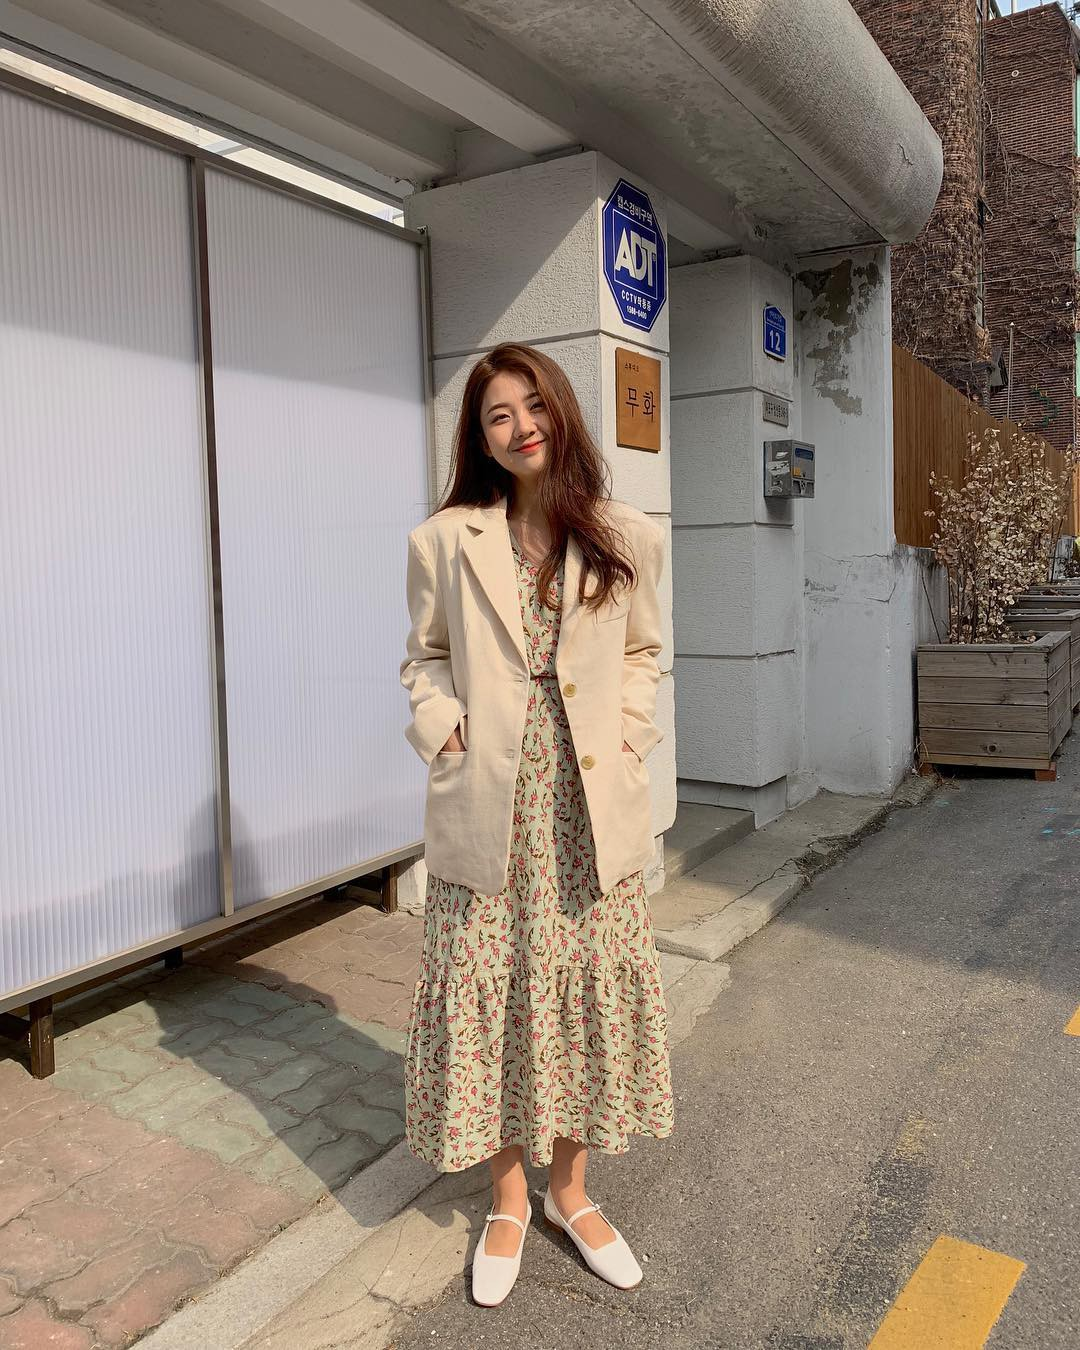 Loạt công thức mix đồ hot hit nhất của mùa xuân mà bạn cần biết nằm cả ở street style của giới trẻ Hàn tuần qua - Ảnh 4.